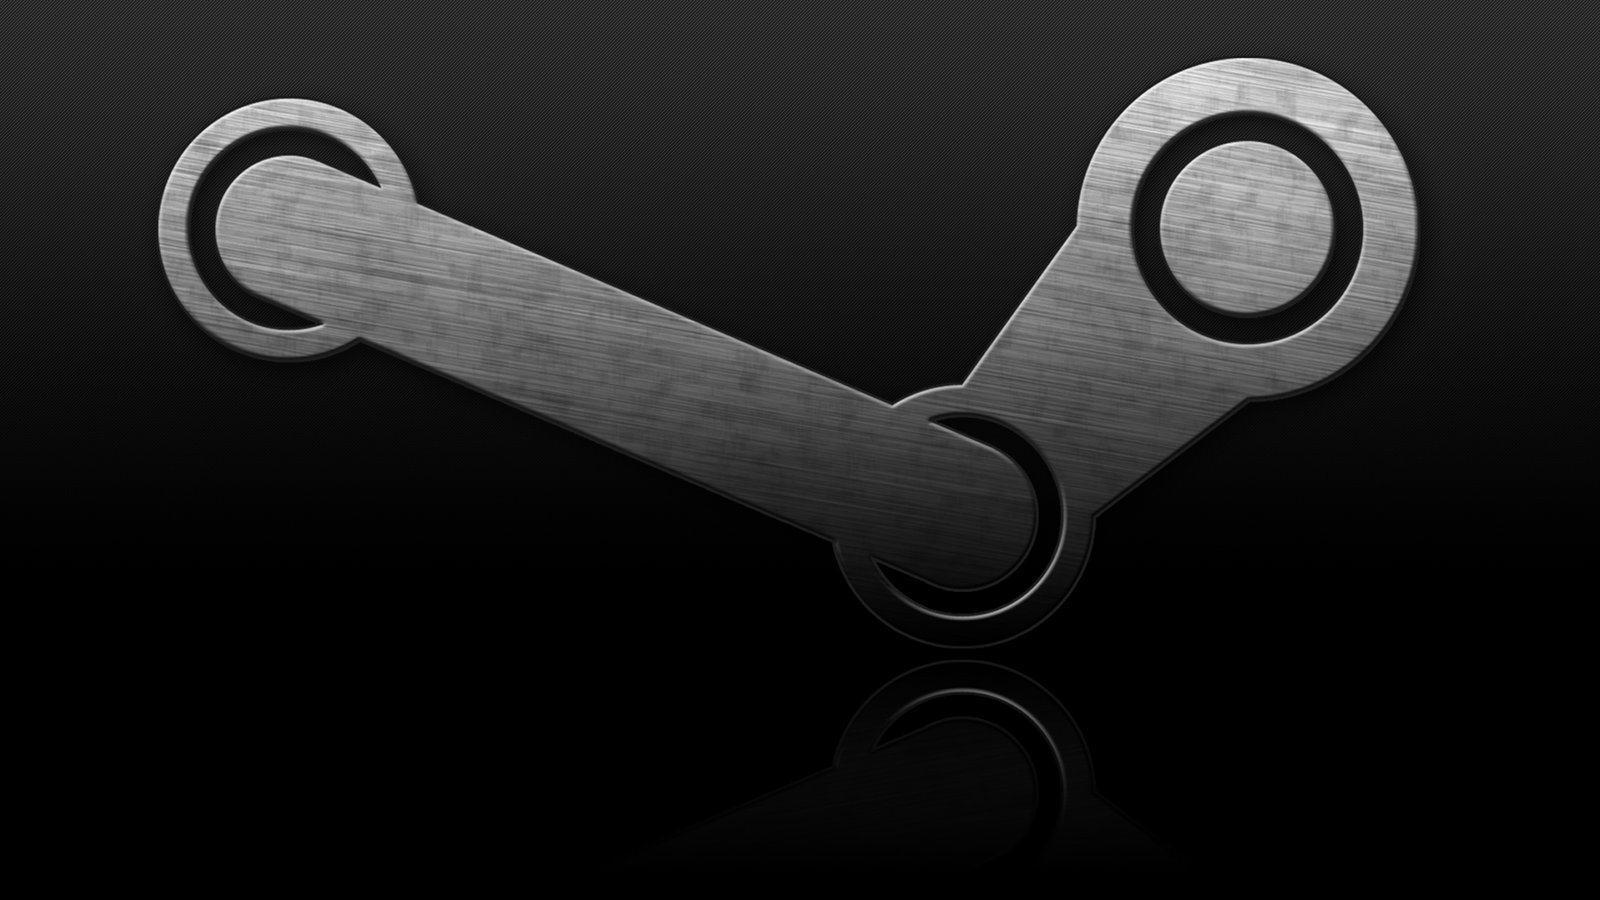 Steam назвала самое частое у игроков ПК-железо